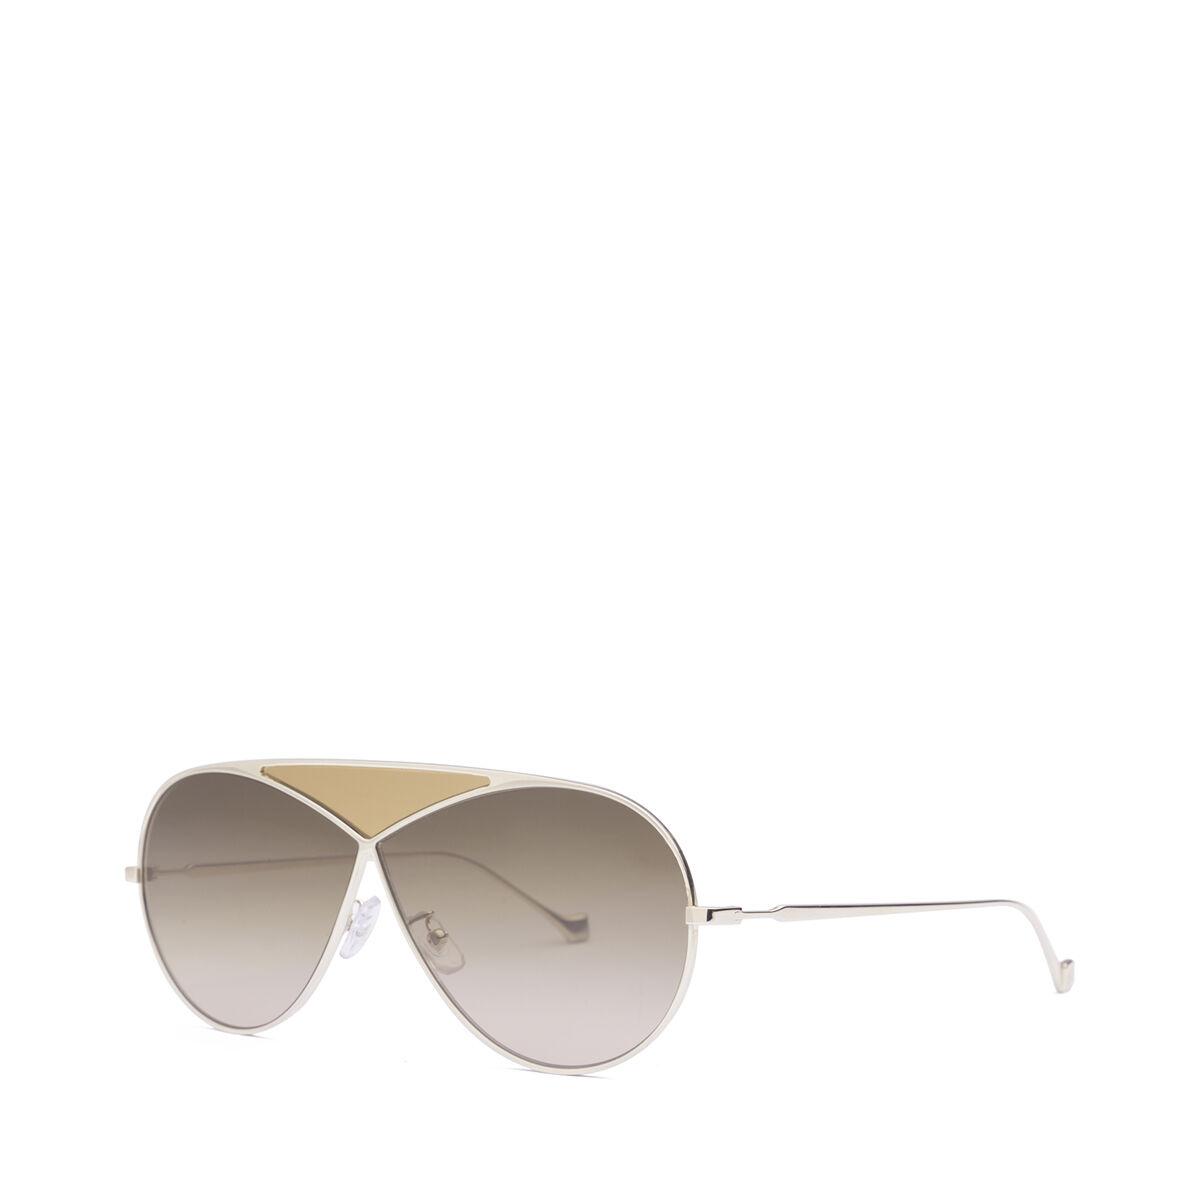 LOEWE Gafas Puzzle Piloto Oro Claro/Roviex Degradado all